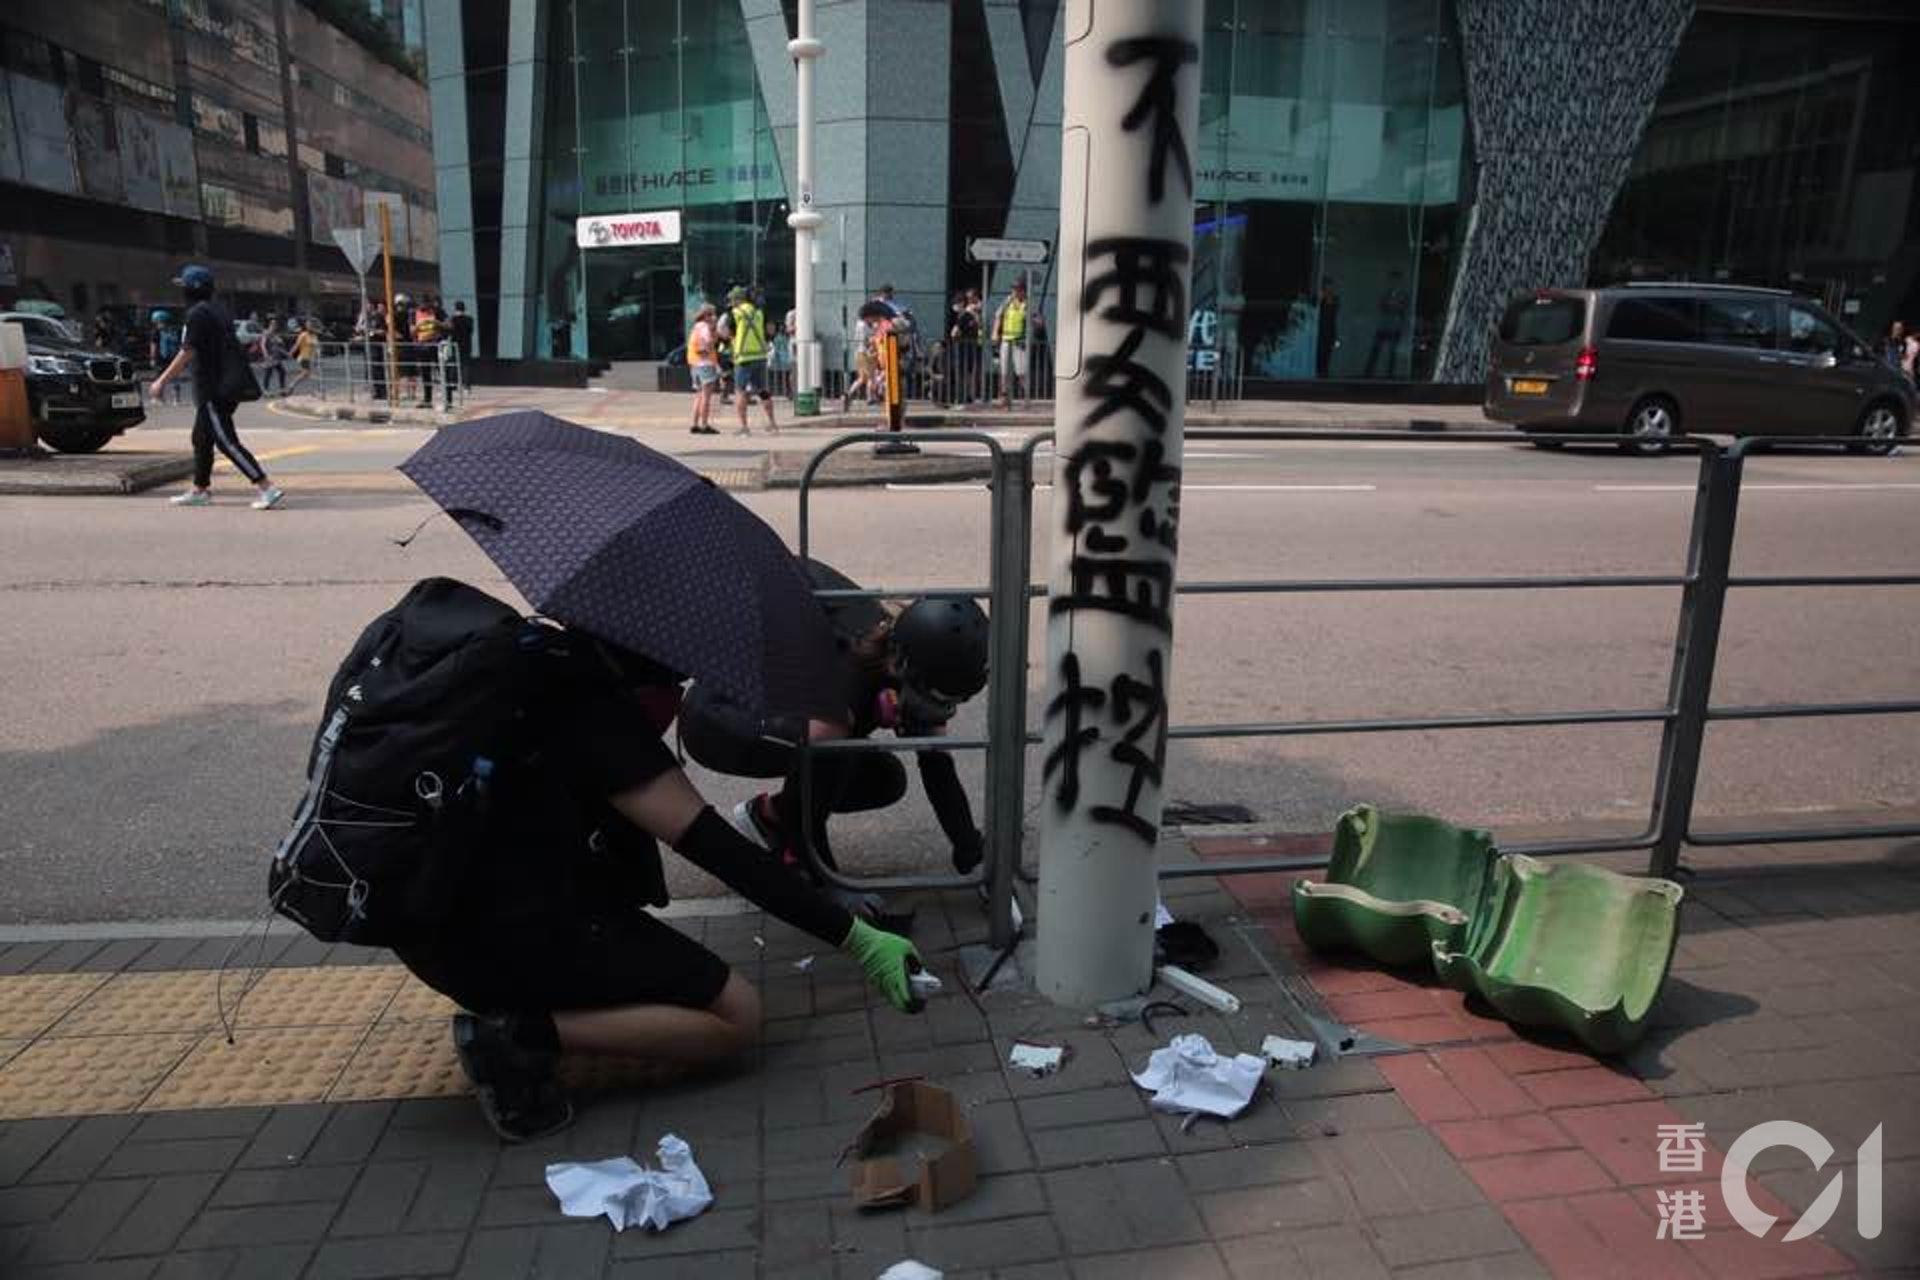 示威者用膠紙將智慧燈柱遮蓋,甚至出動電鋸強行打開燈柱電箱。(陳浩然攝)